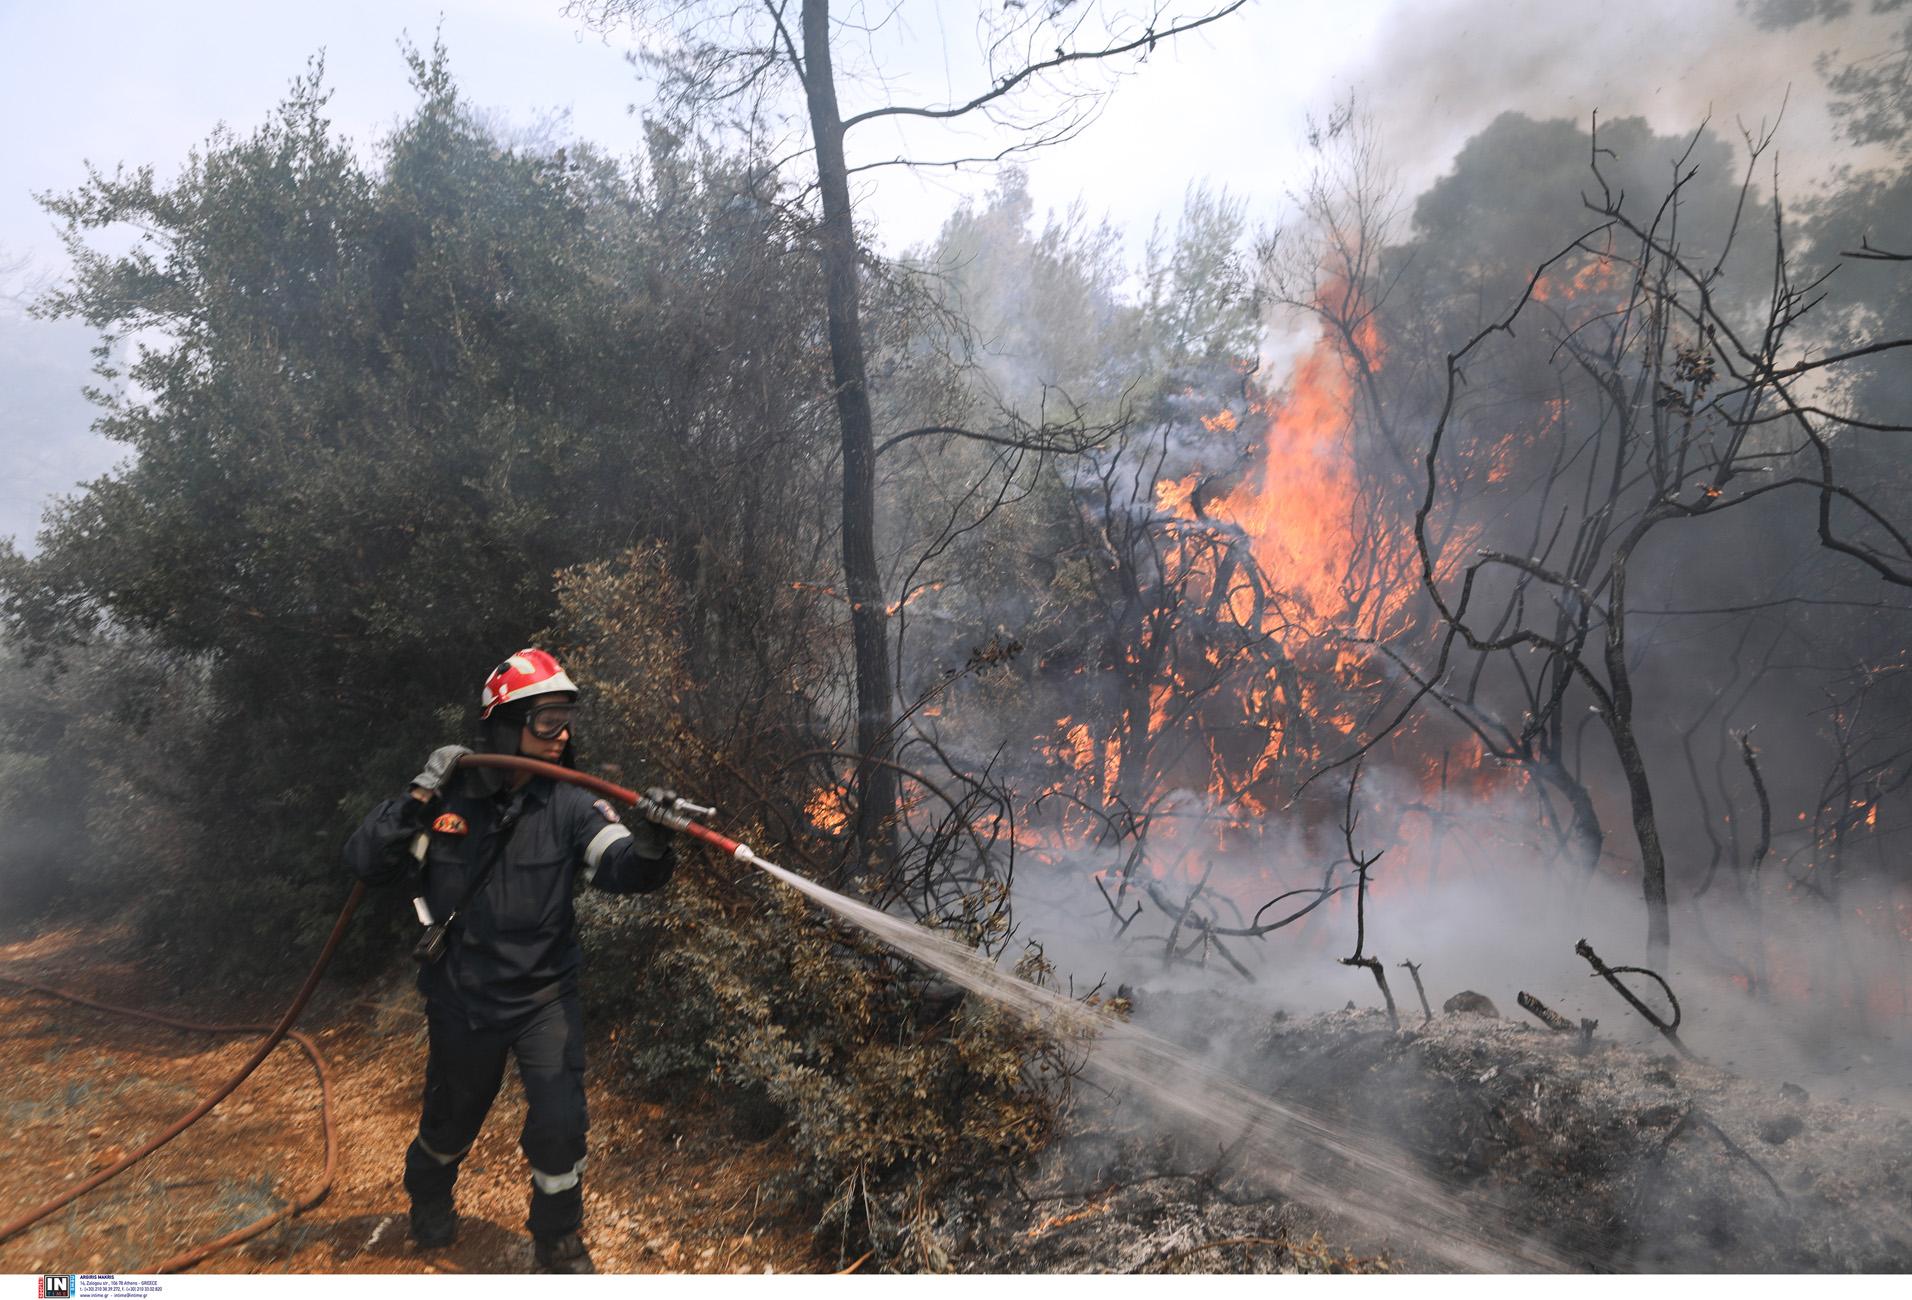 Φωτιά στα Μέγαρα: Αναζωπύρωση του πύρινου μετώπου – Εκκενώνεται ο οικισμός Παπαγιαννέικα